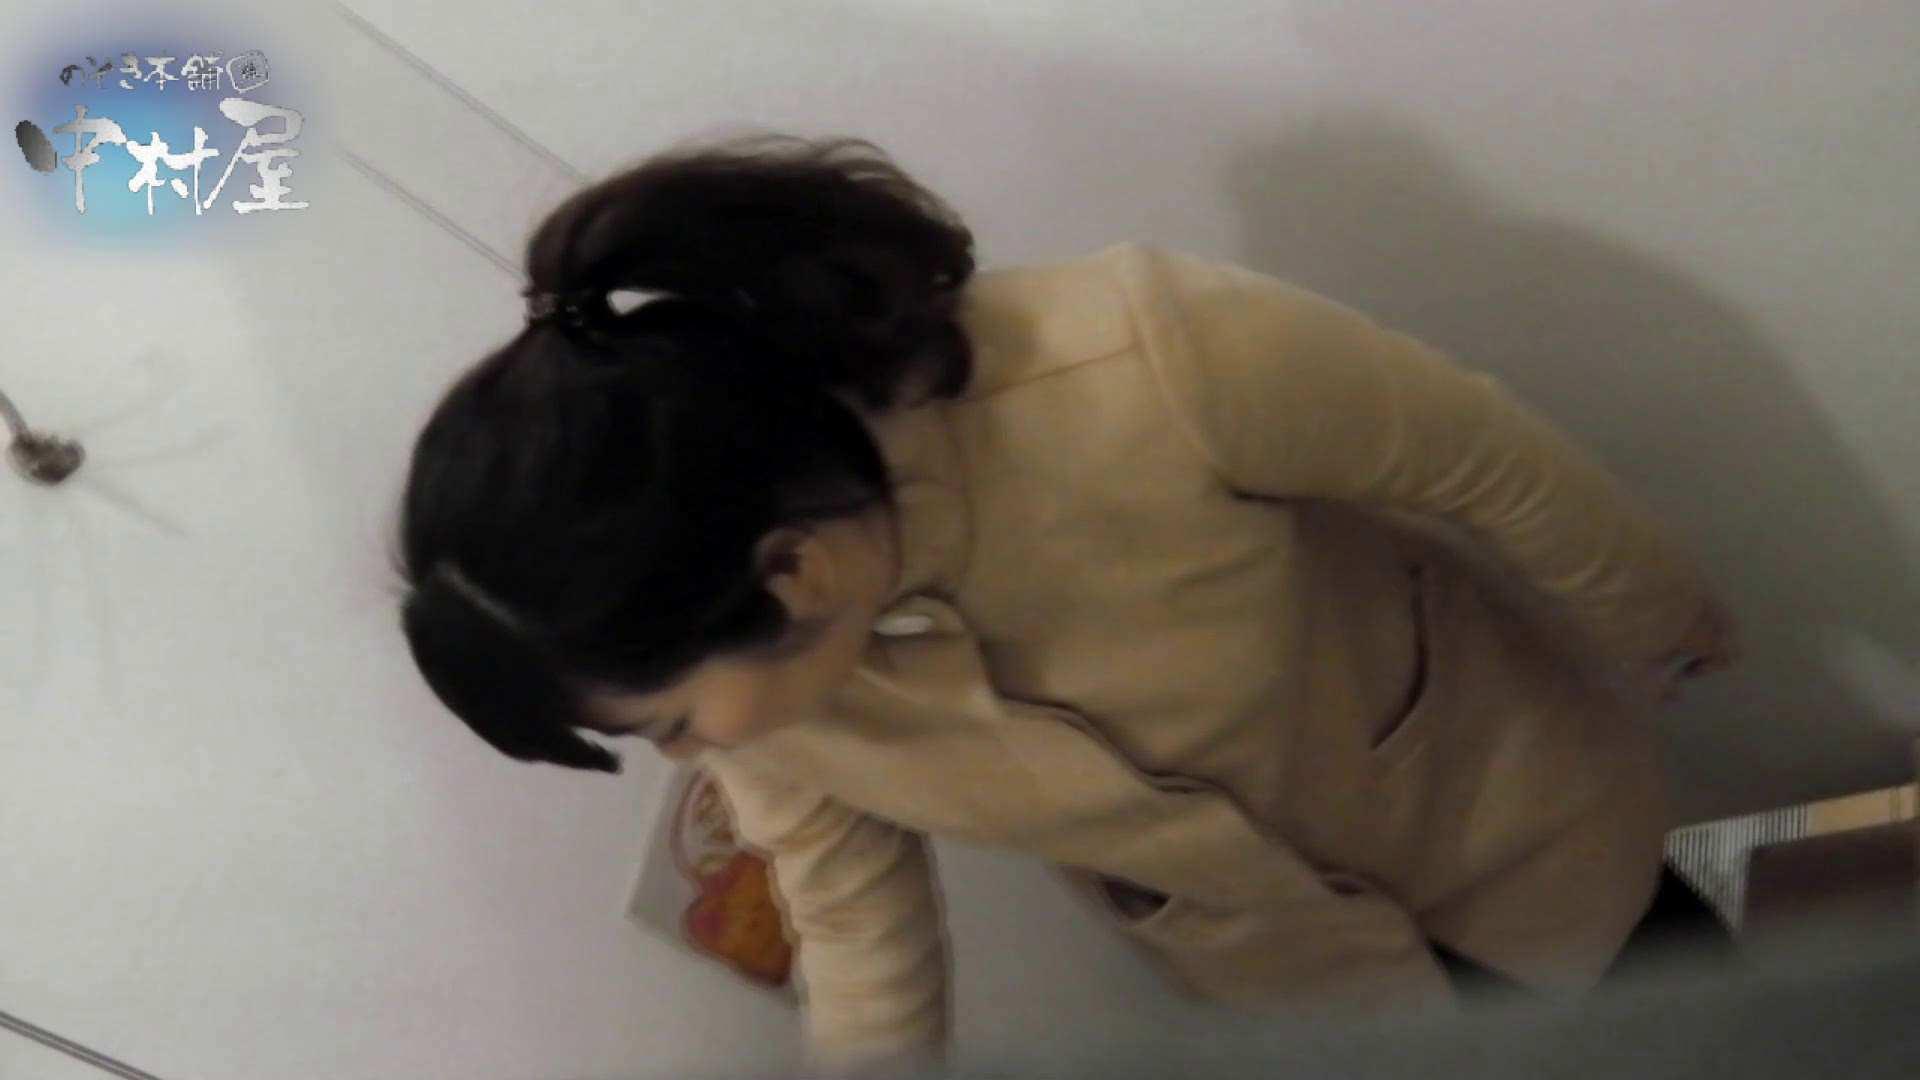 乙女集まる!ショッピングモール潜入撮vol.09 乙女エロ画像 おまんこ動画流出 37PICs 34